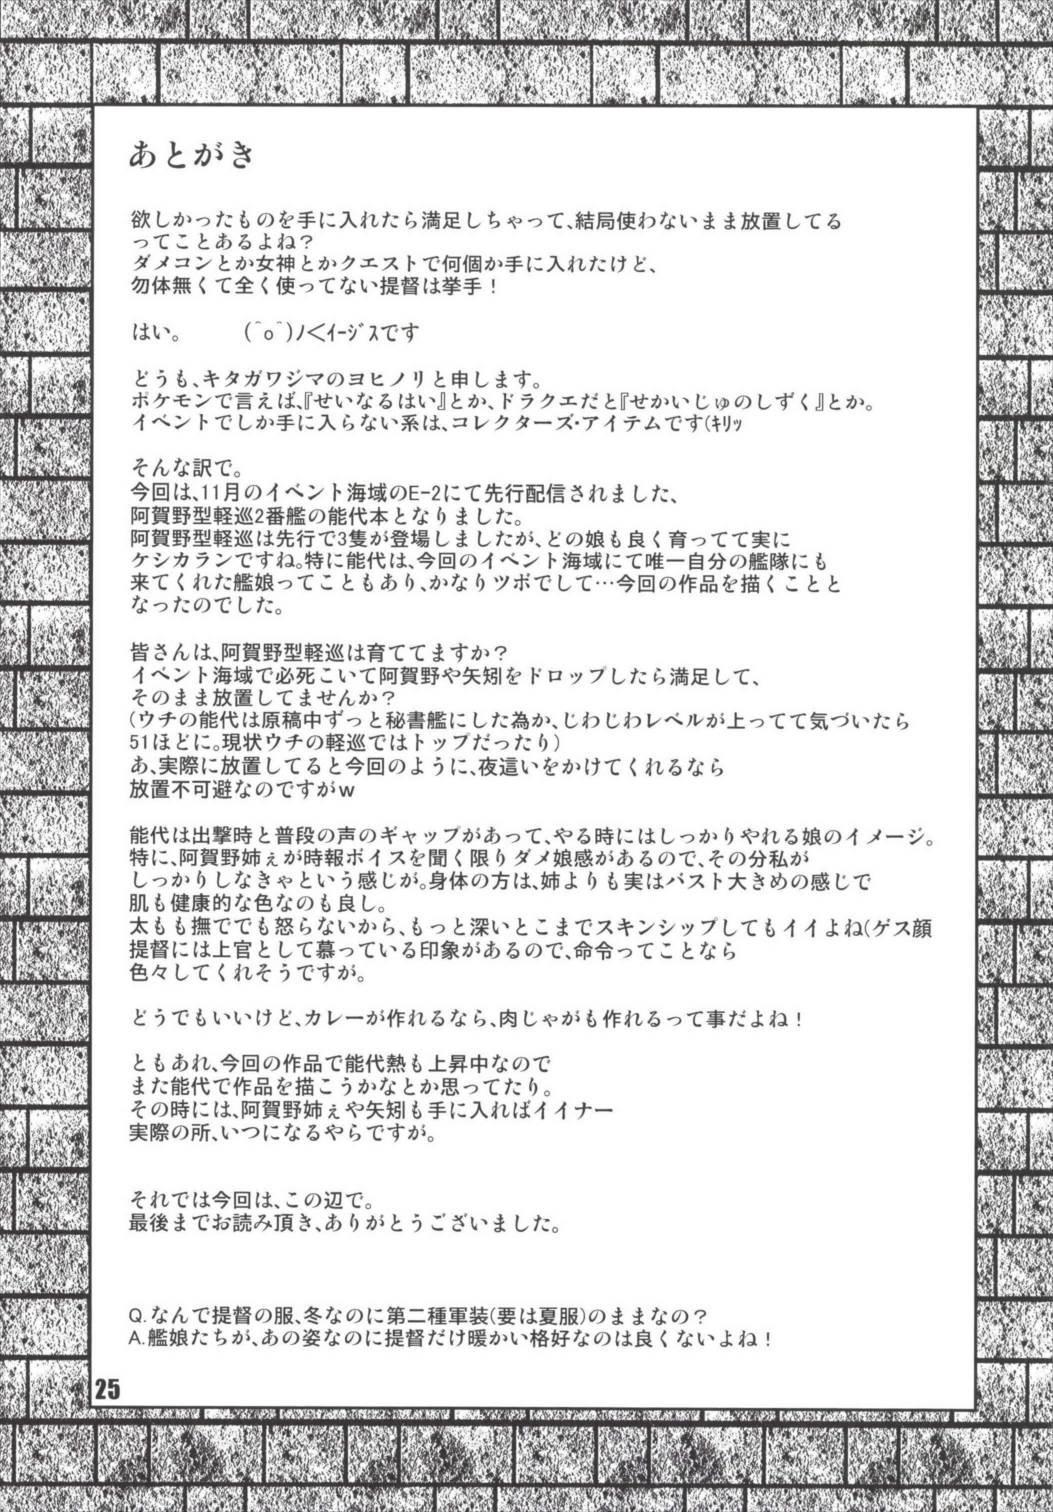 Noshiro no Deban wa Mada desu ka? 24